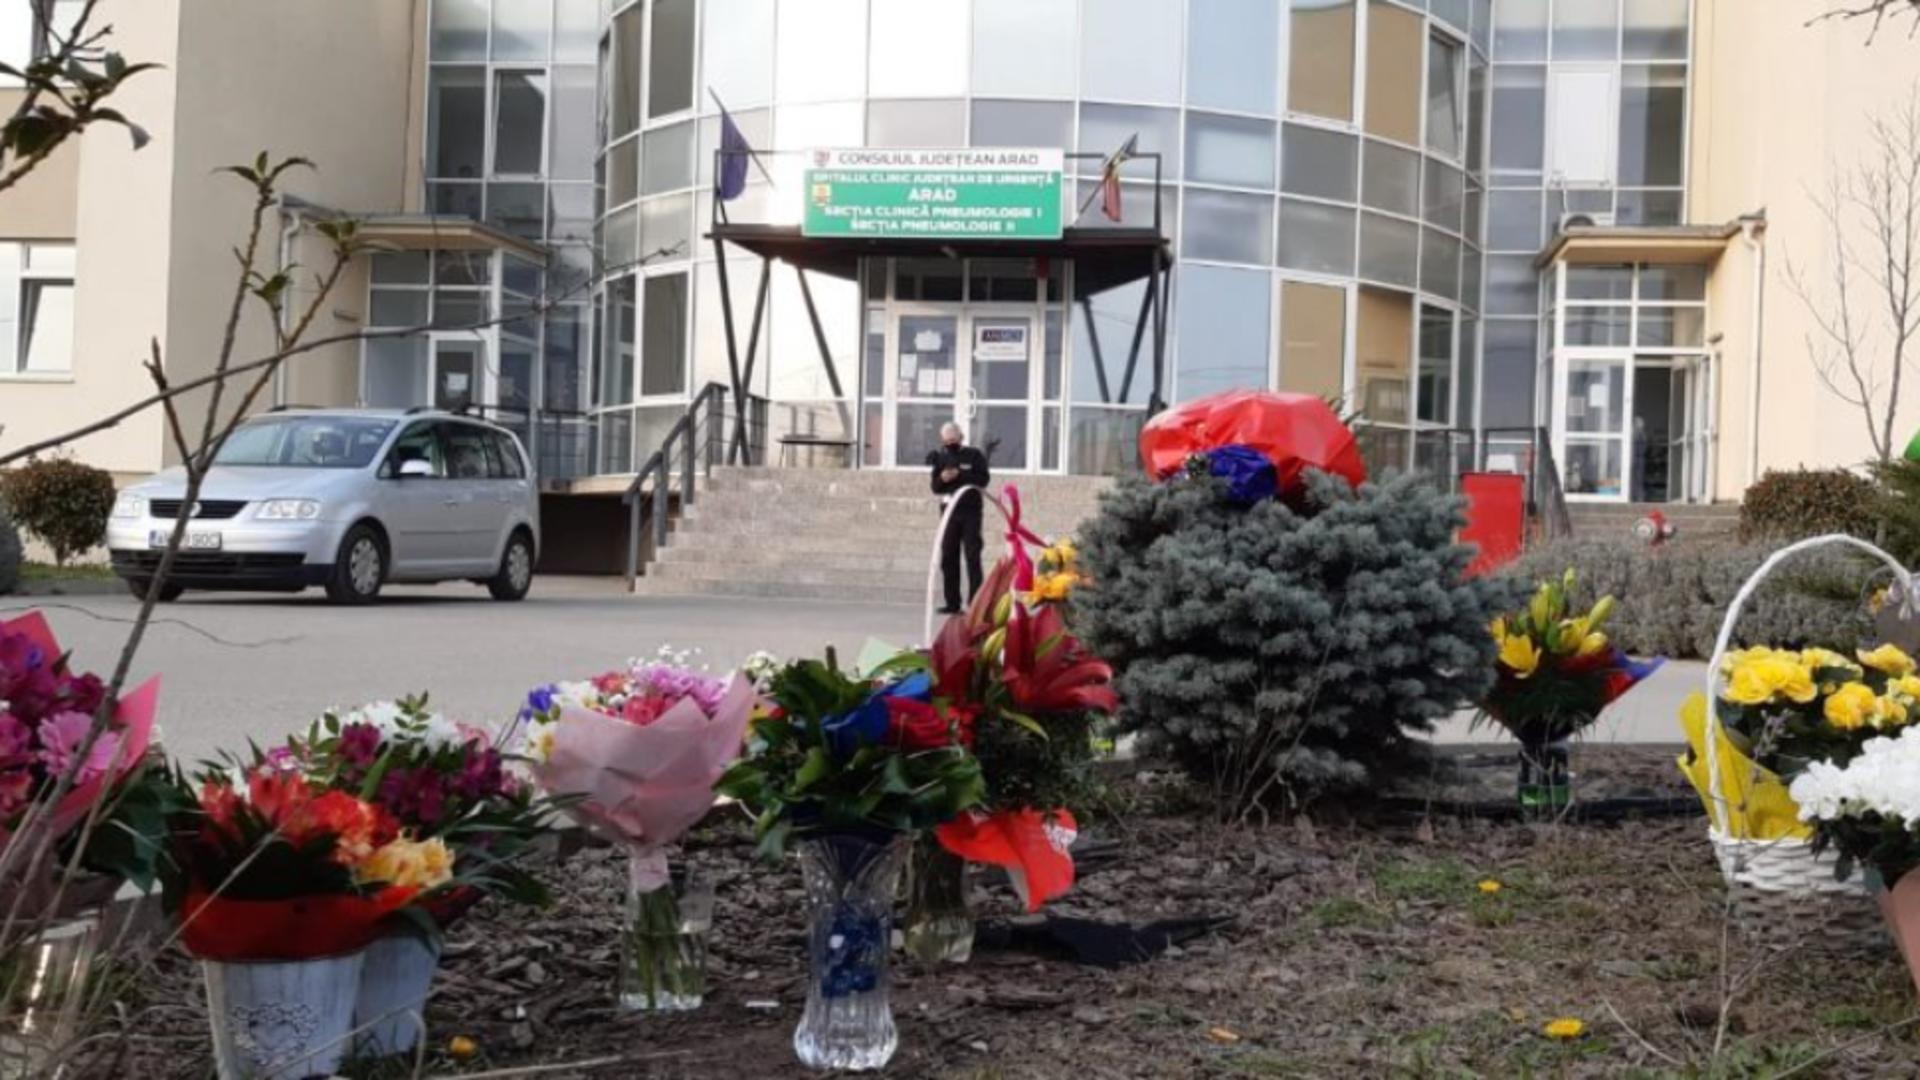 Gest de recunoștință pentru medici la Spitalul COVID din Grădiște, jud. Arad Foto: SpecialArad.ro